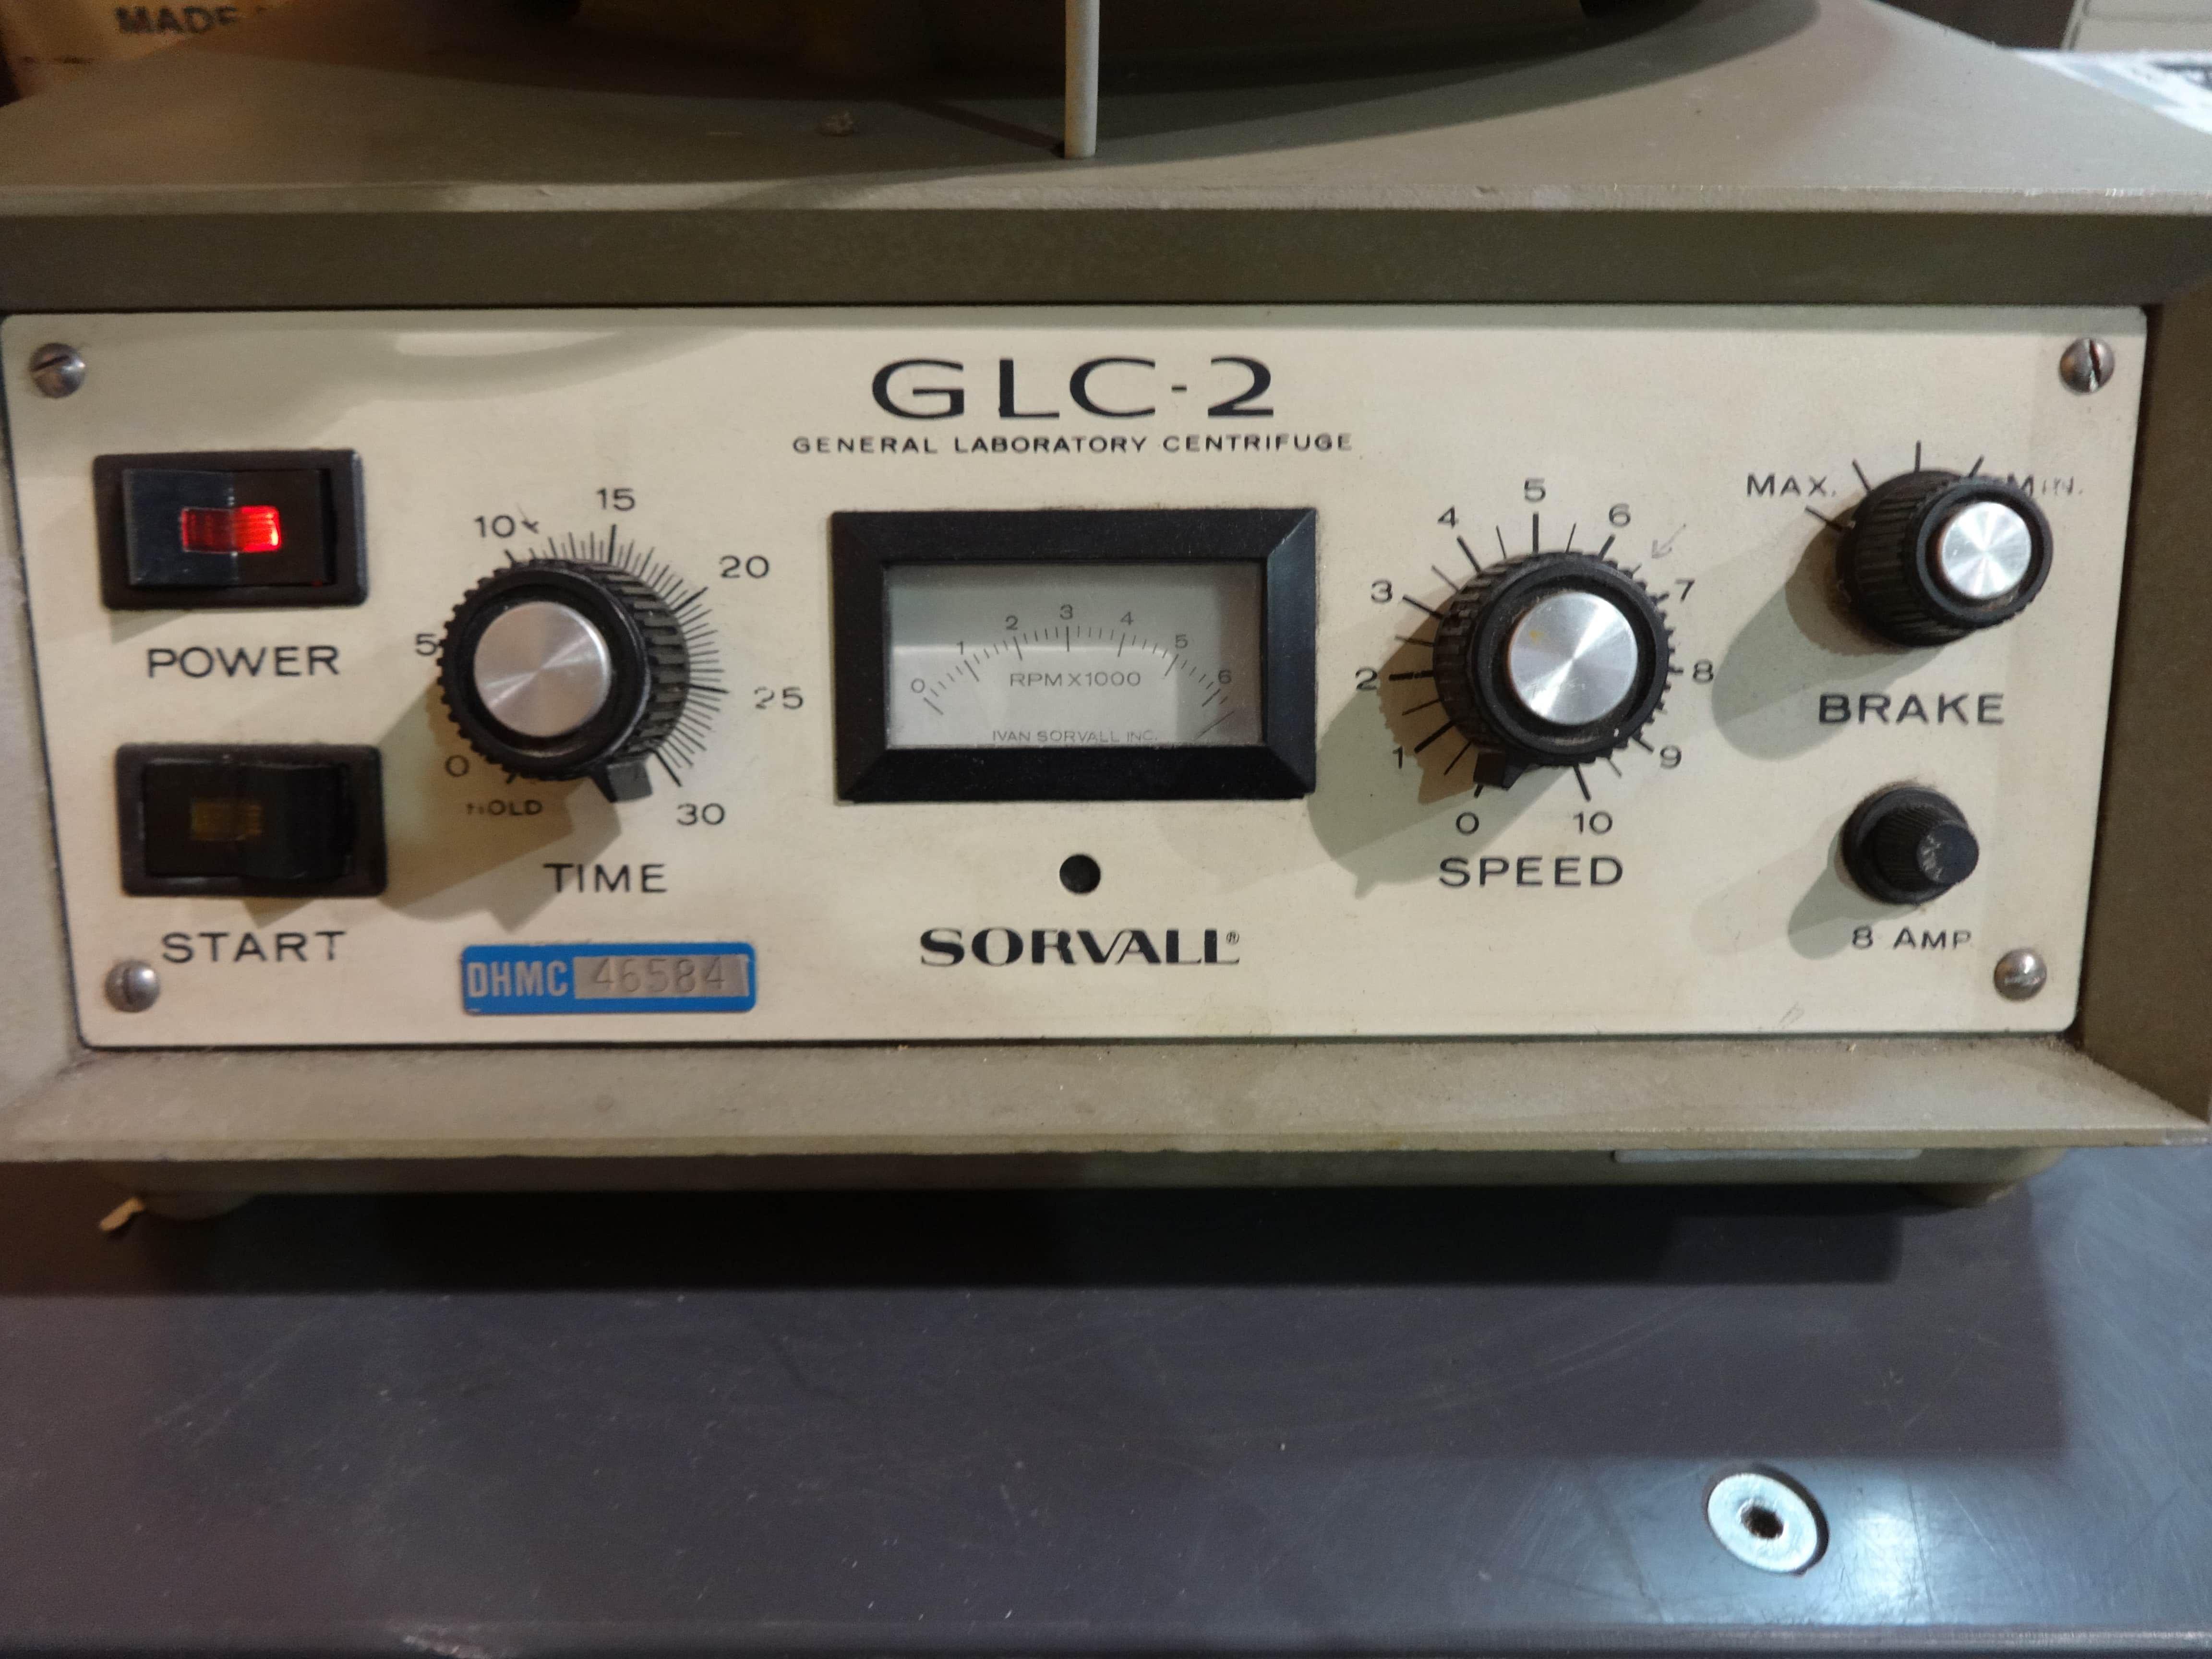 Sorvall GLC 2 Centrifuge